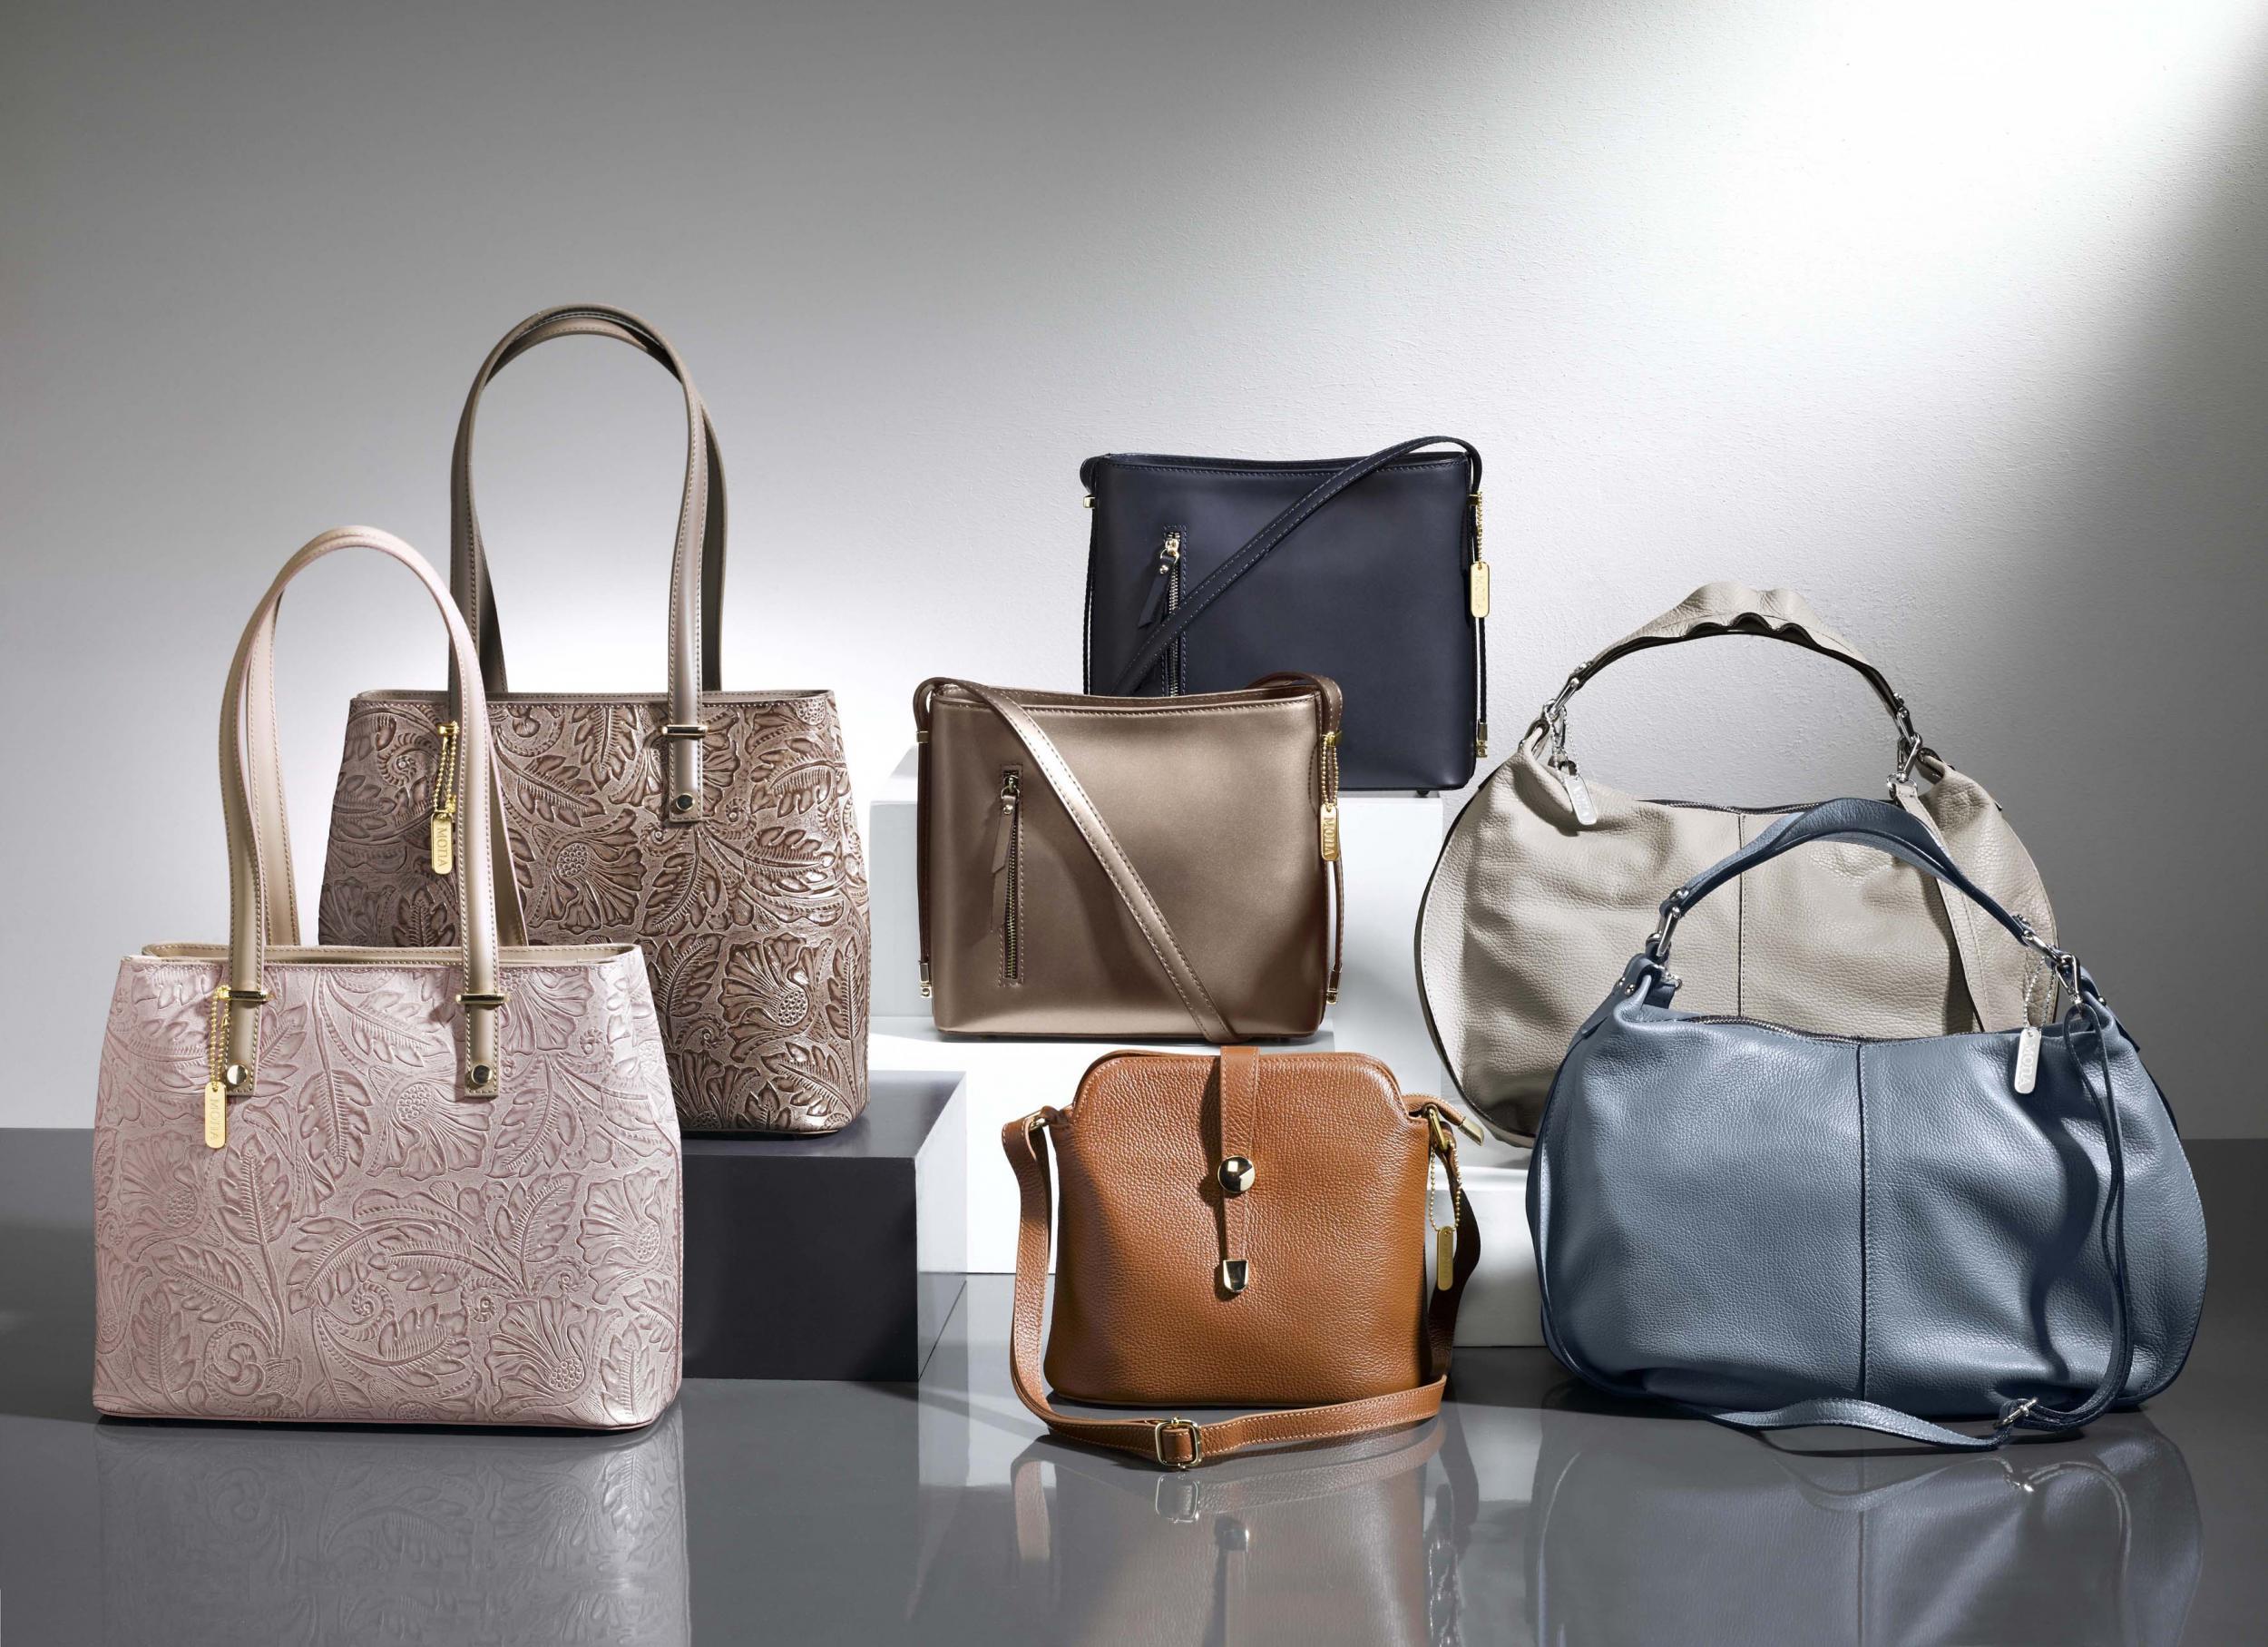 Diana Damen Personalisiert Einkaufstasche Tragetasche Can Änderung zu Jeder Name